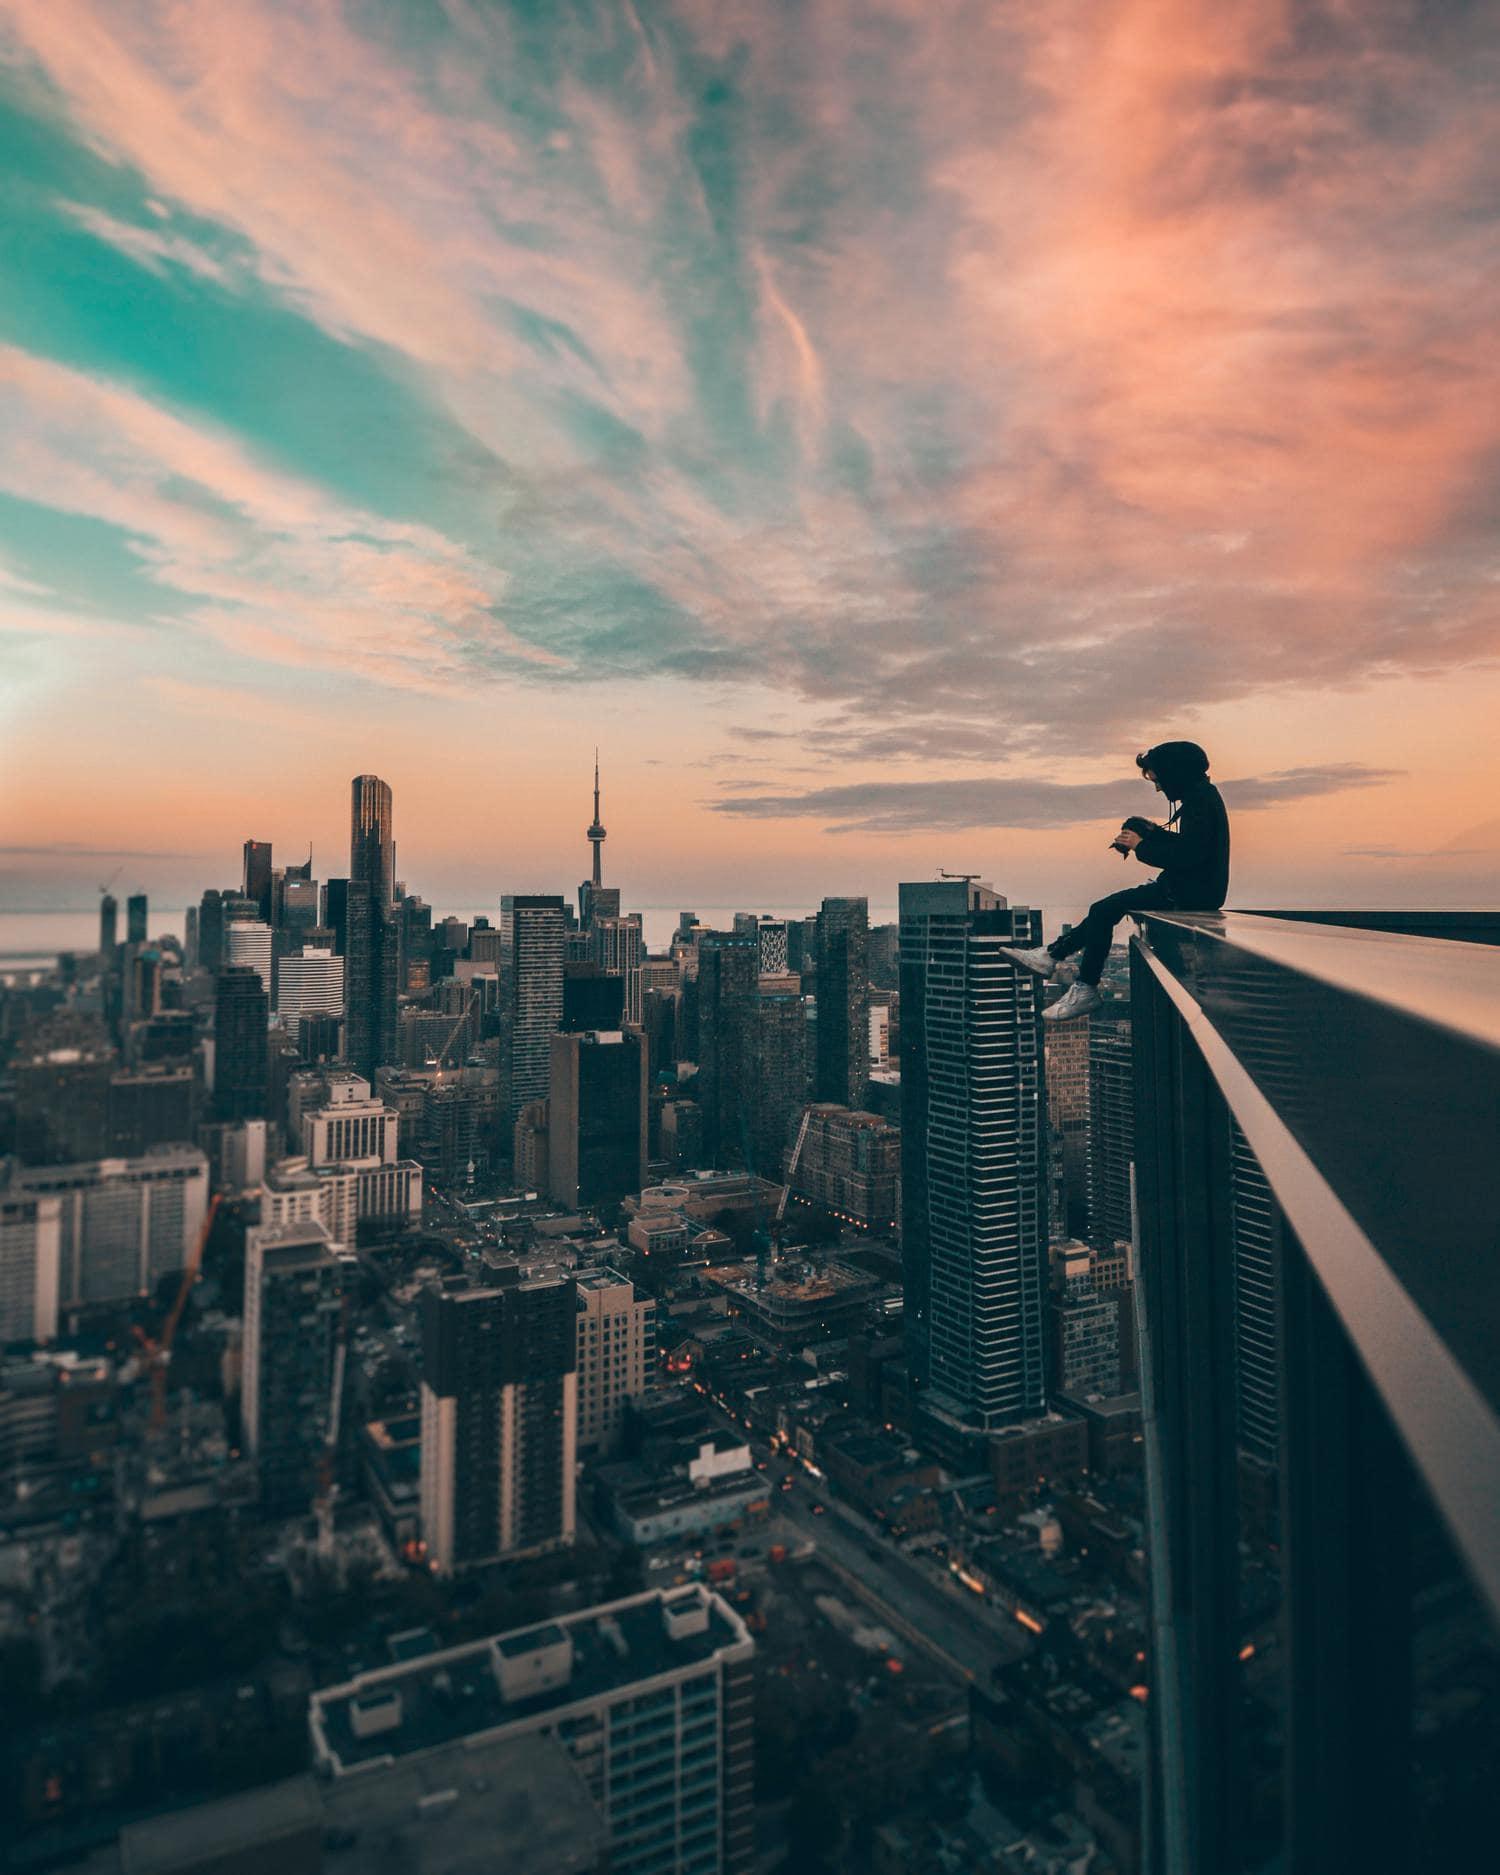 Fotógrafo en lo alto de un edificio con vistas de la urbe al fondo